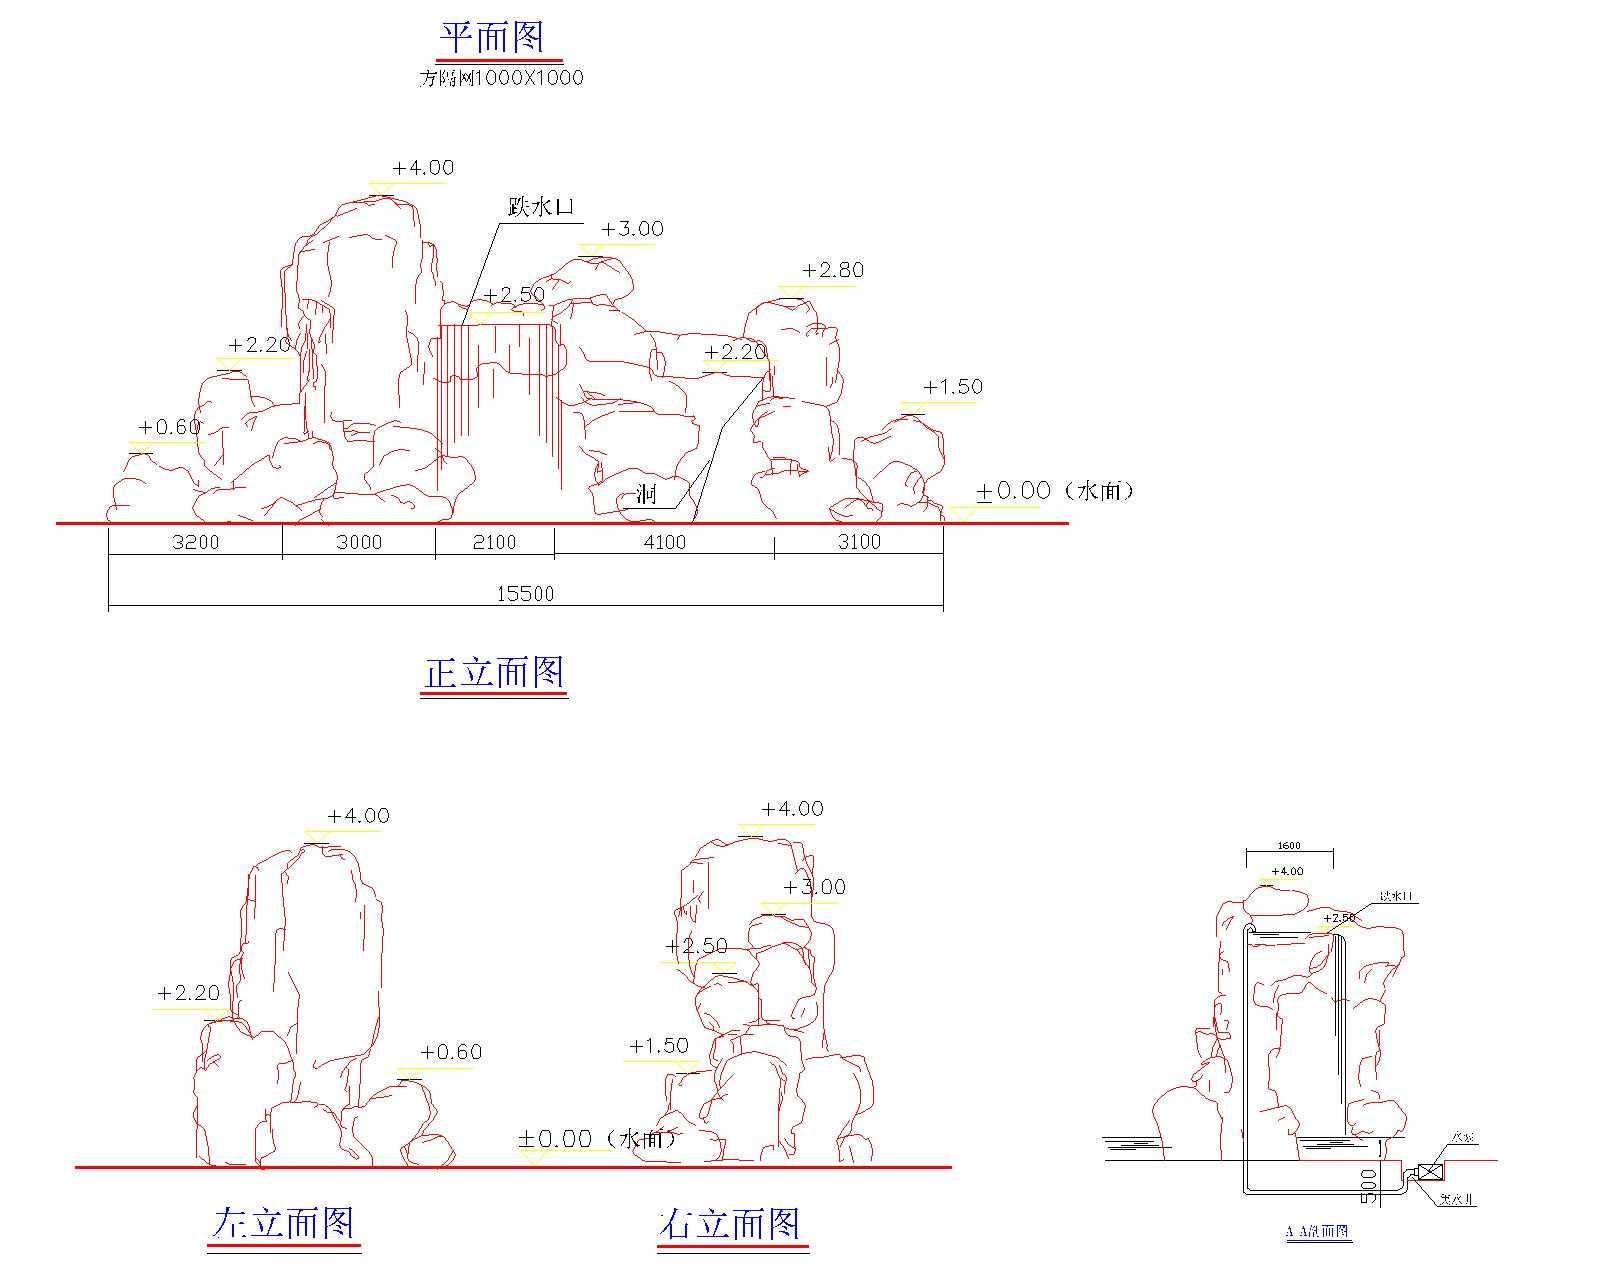 迪斯尼主题公园施工设计图案详解!豆阶段拼松鼠图纸的图片